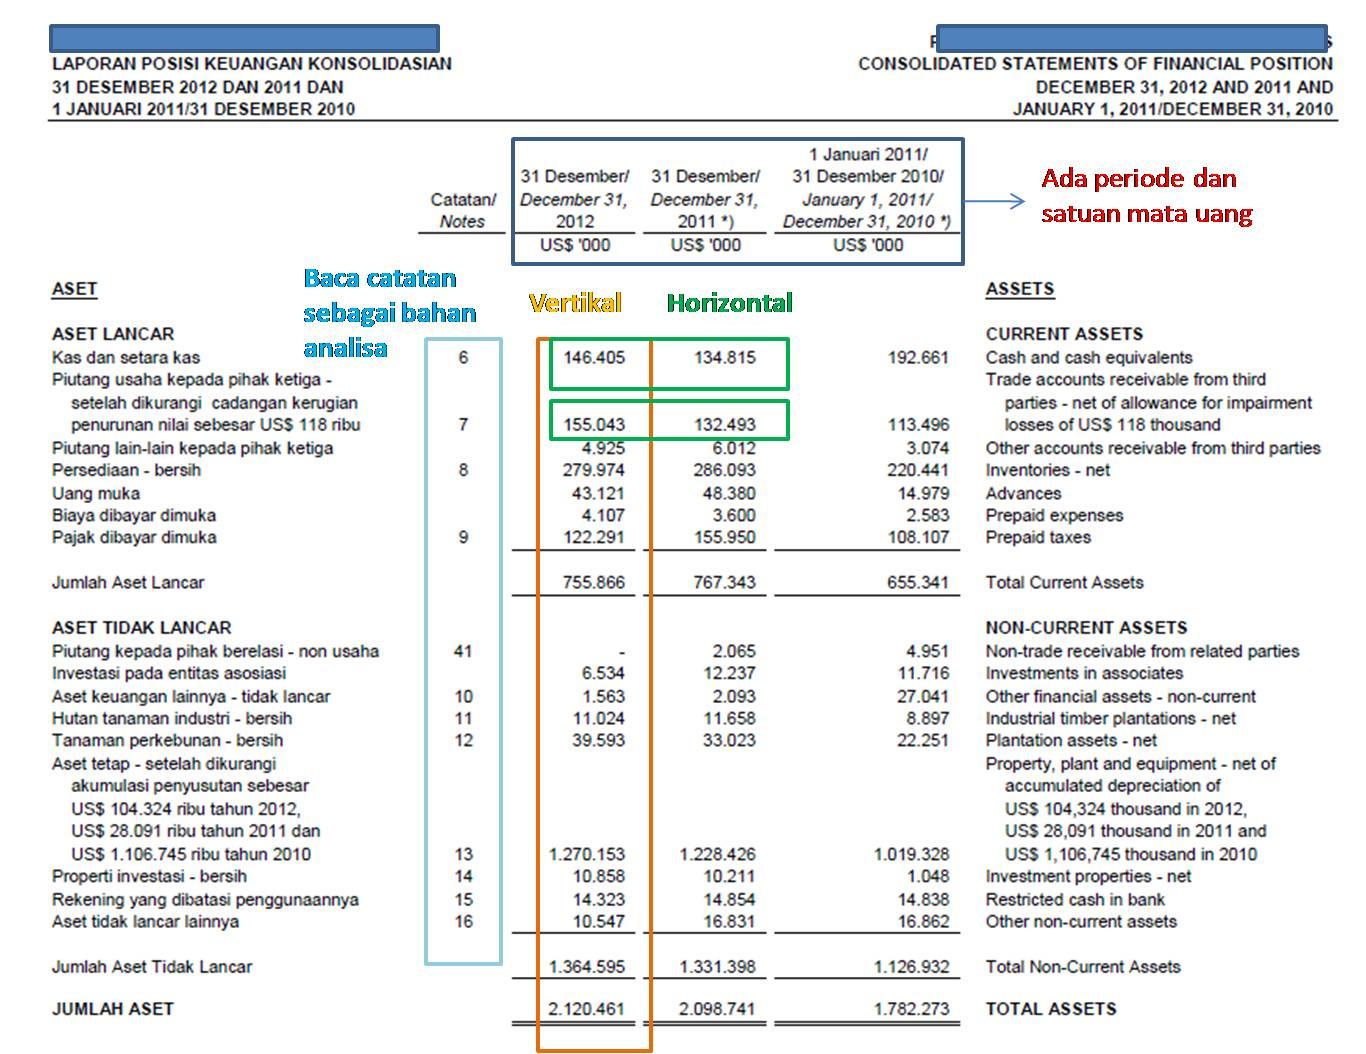 Prinsip Dasar Menganalisa Laporan Keuangan Perspektif